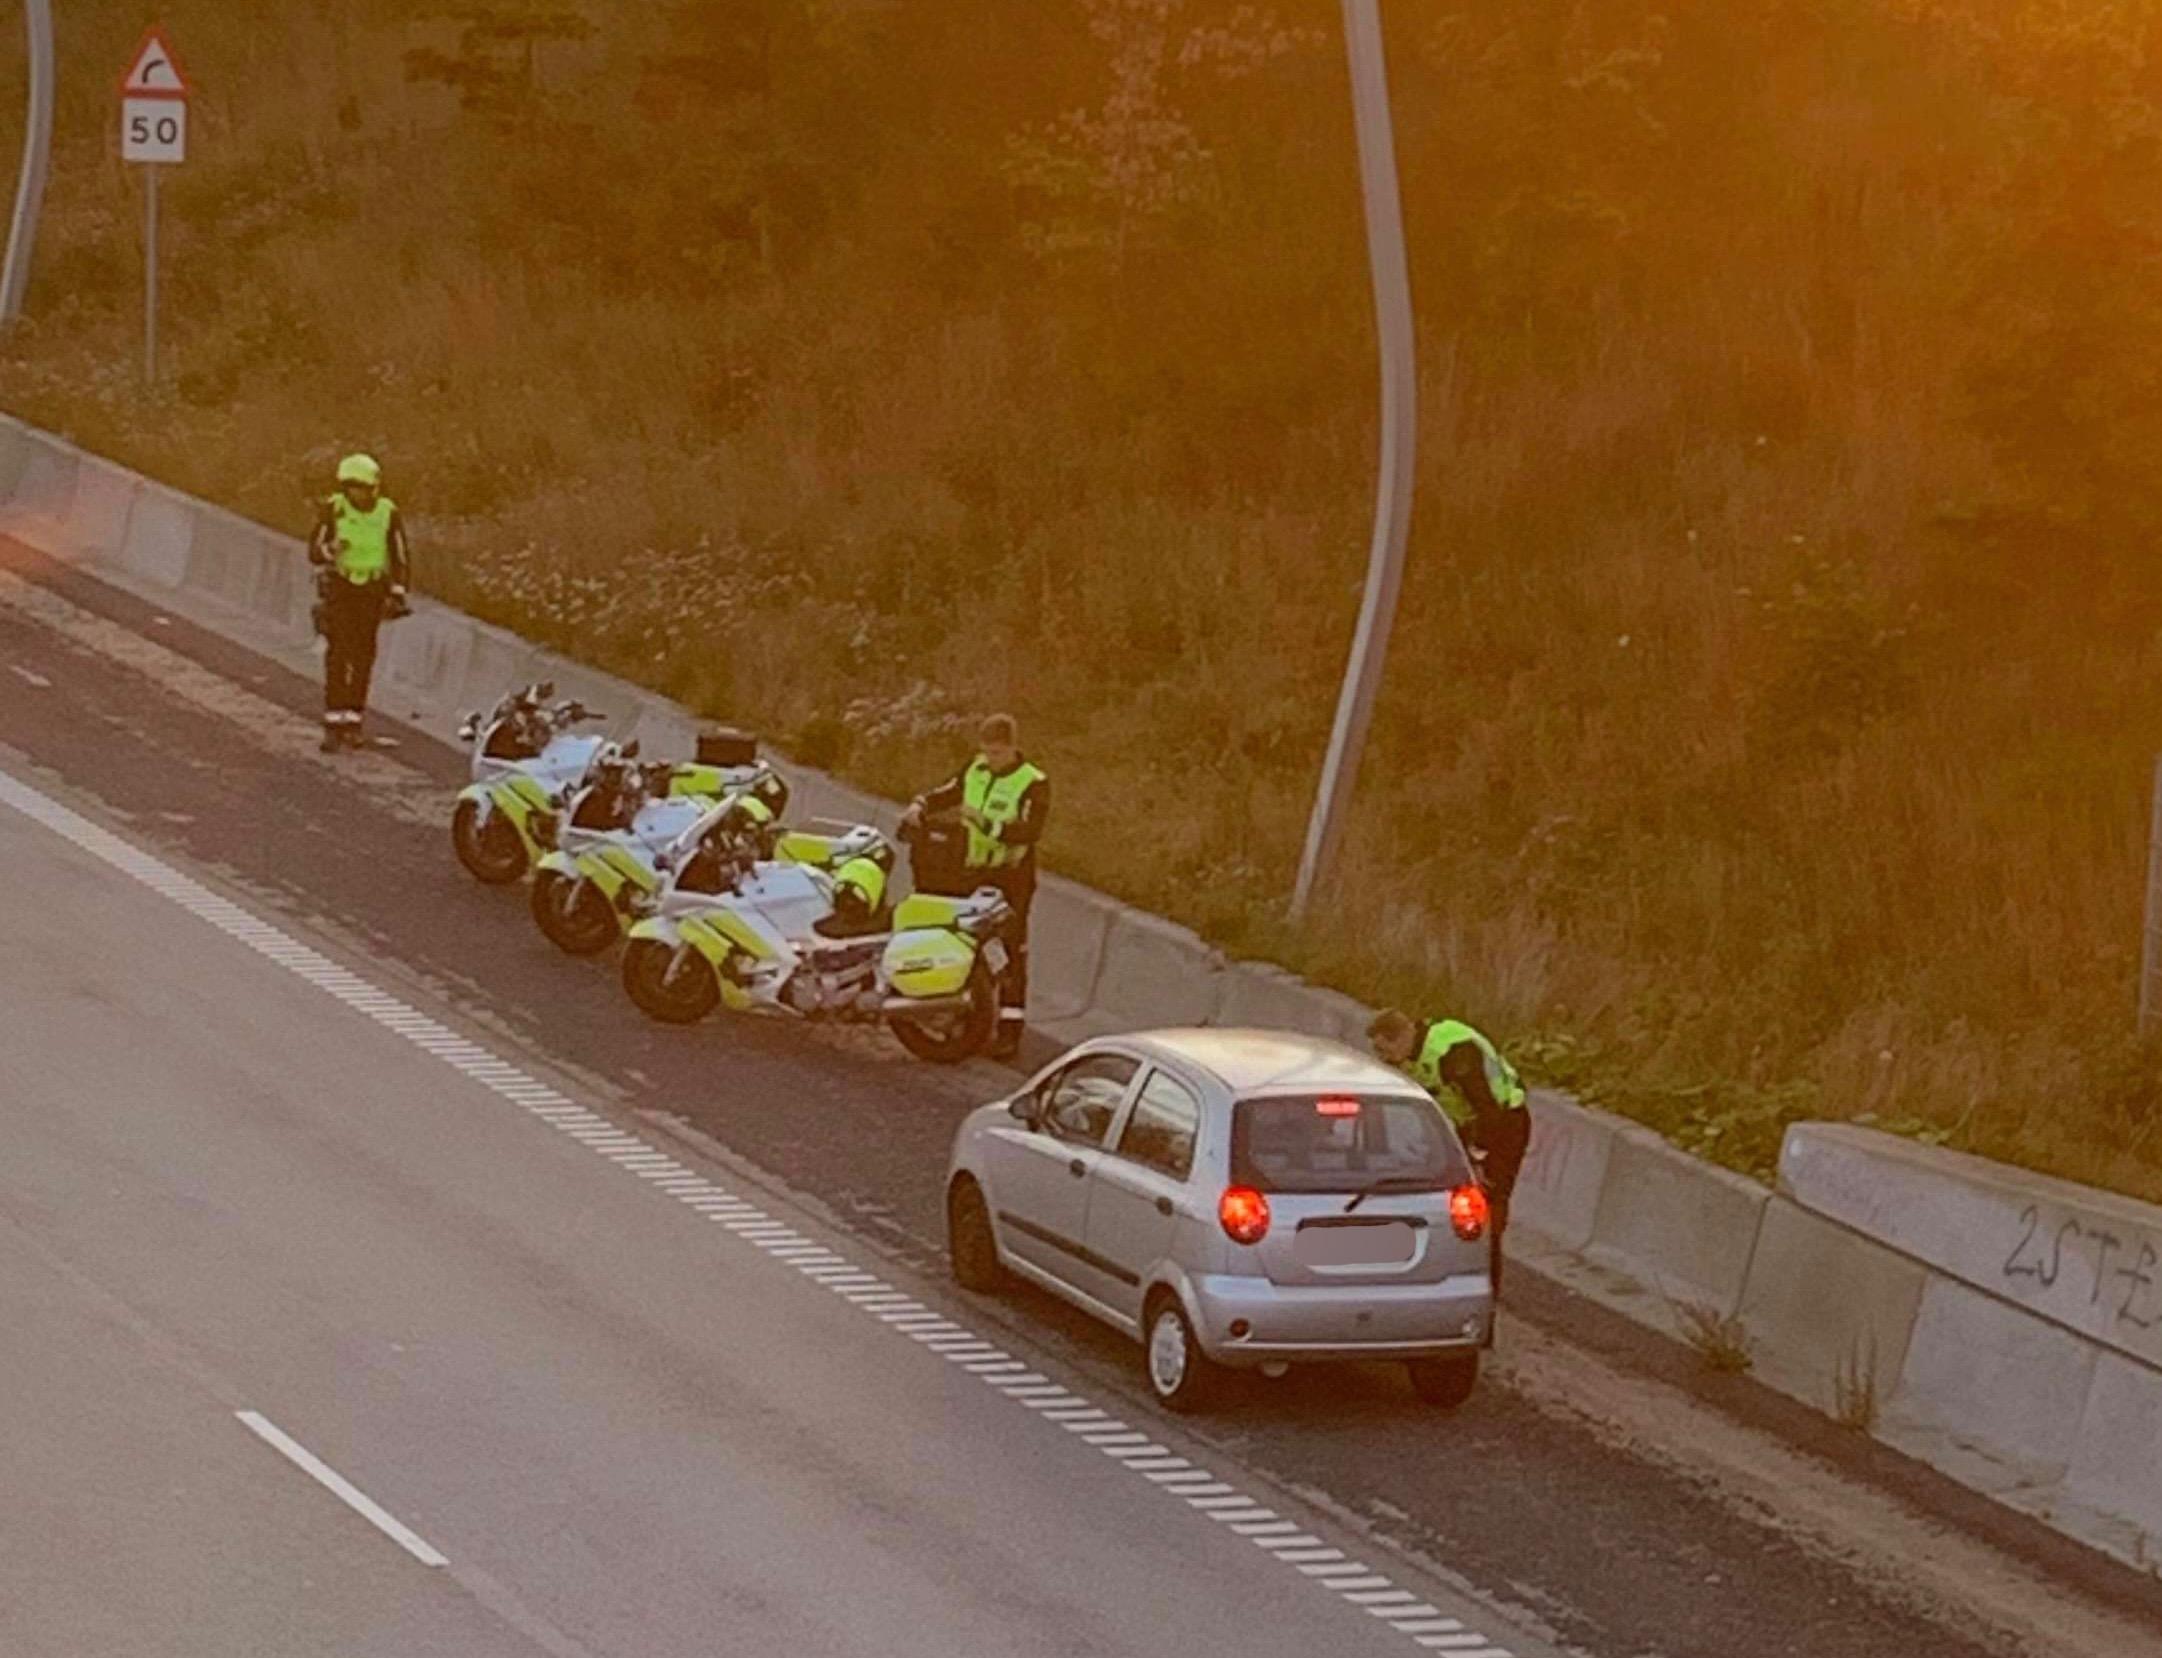 Trafikkontrol på Helsingørmotorvejen